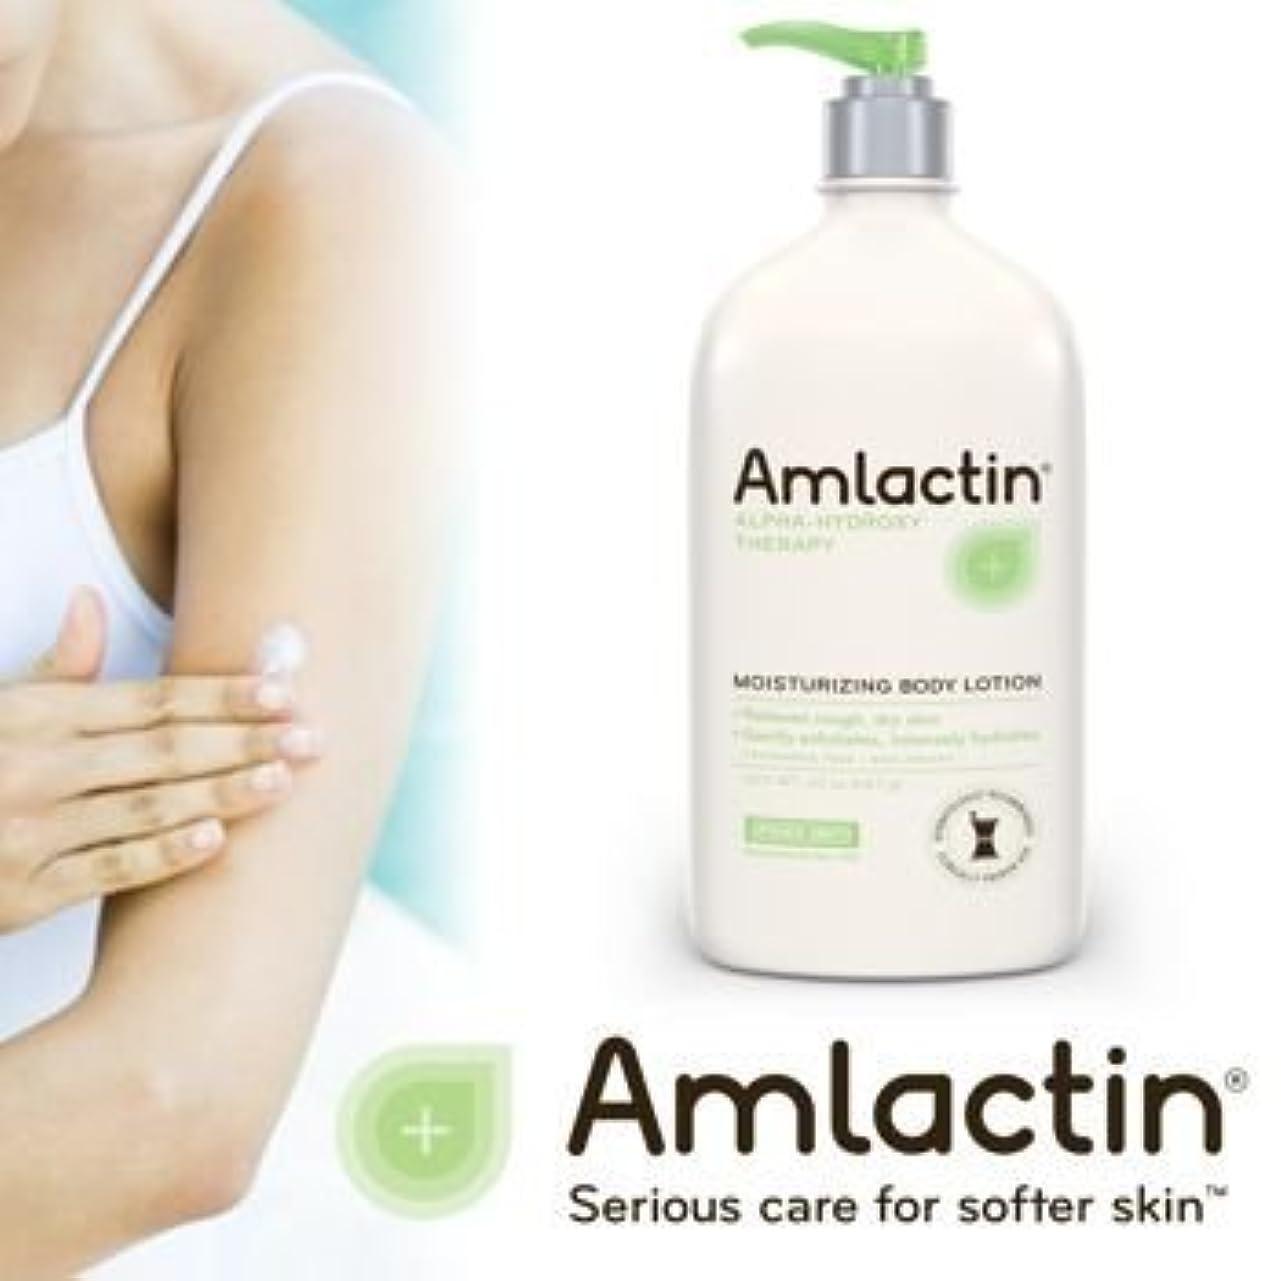 草思春期のラボアムラクティン 保湿液 (乾燥肌のため) - 12% 乳酸 - AmLactin 12 % Moisturizing Lotion - 500 g / 17.6 oz (Product packaging may vary)